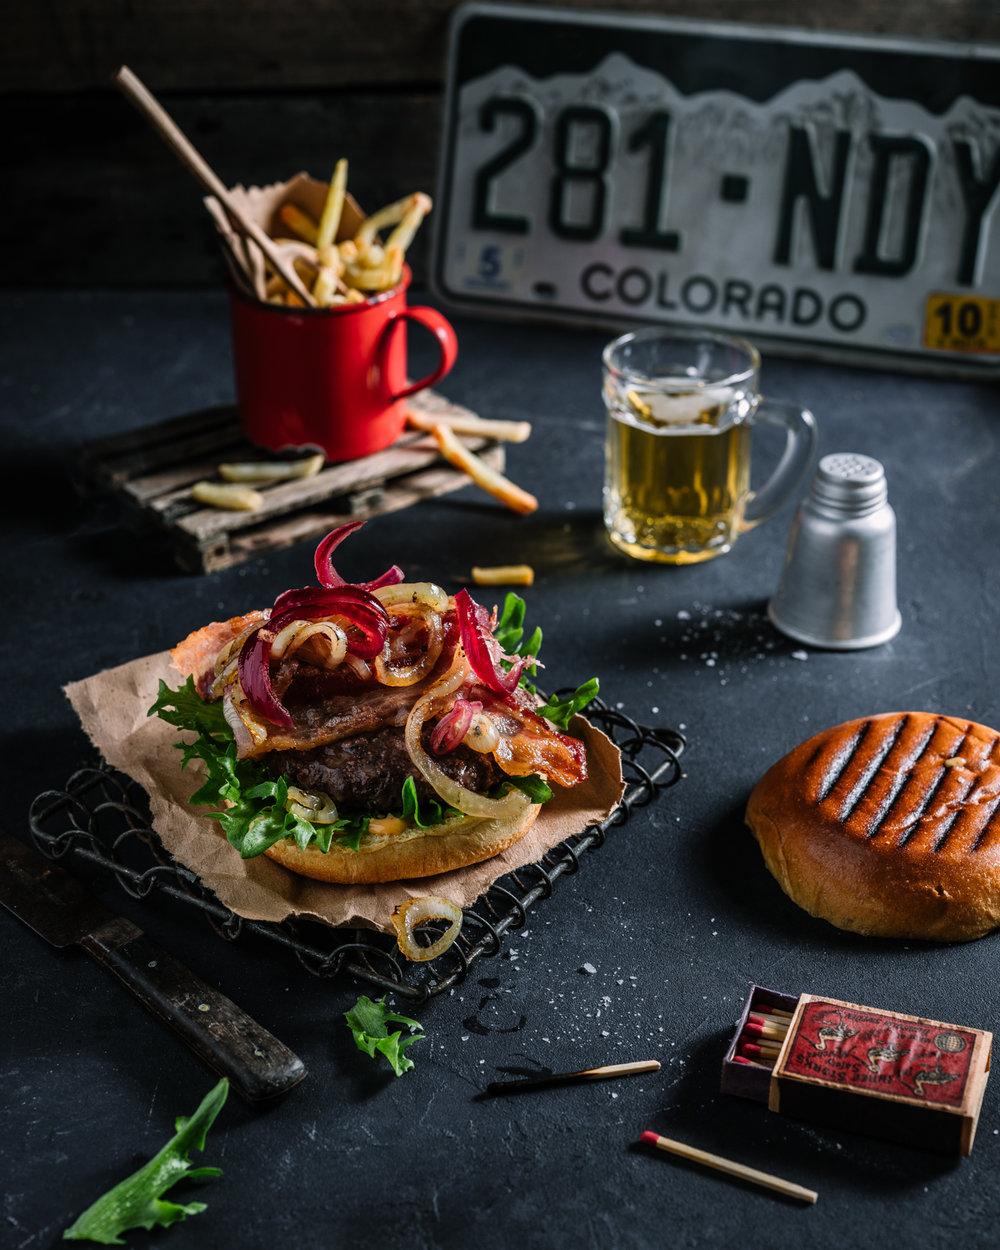 sommer sunn burger matfotograf oslo mats dreyer